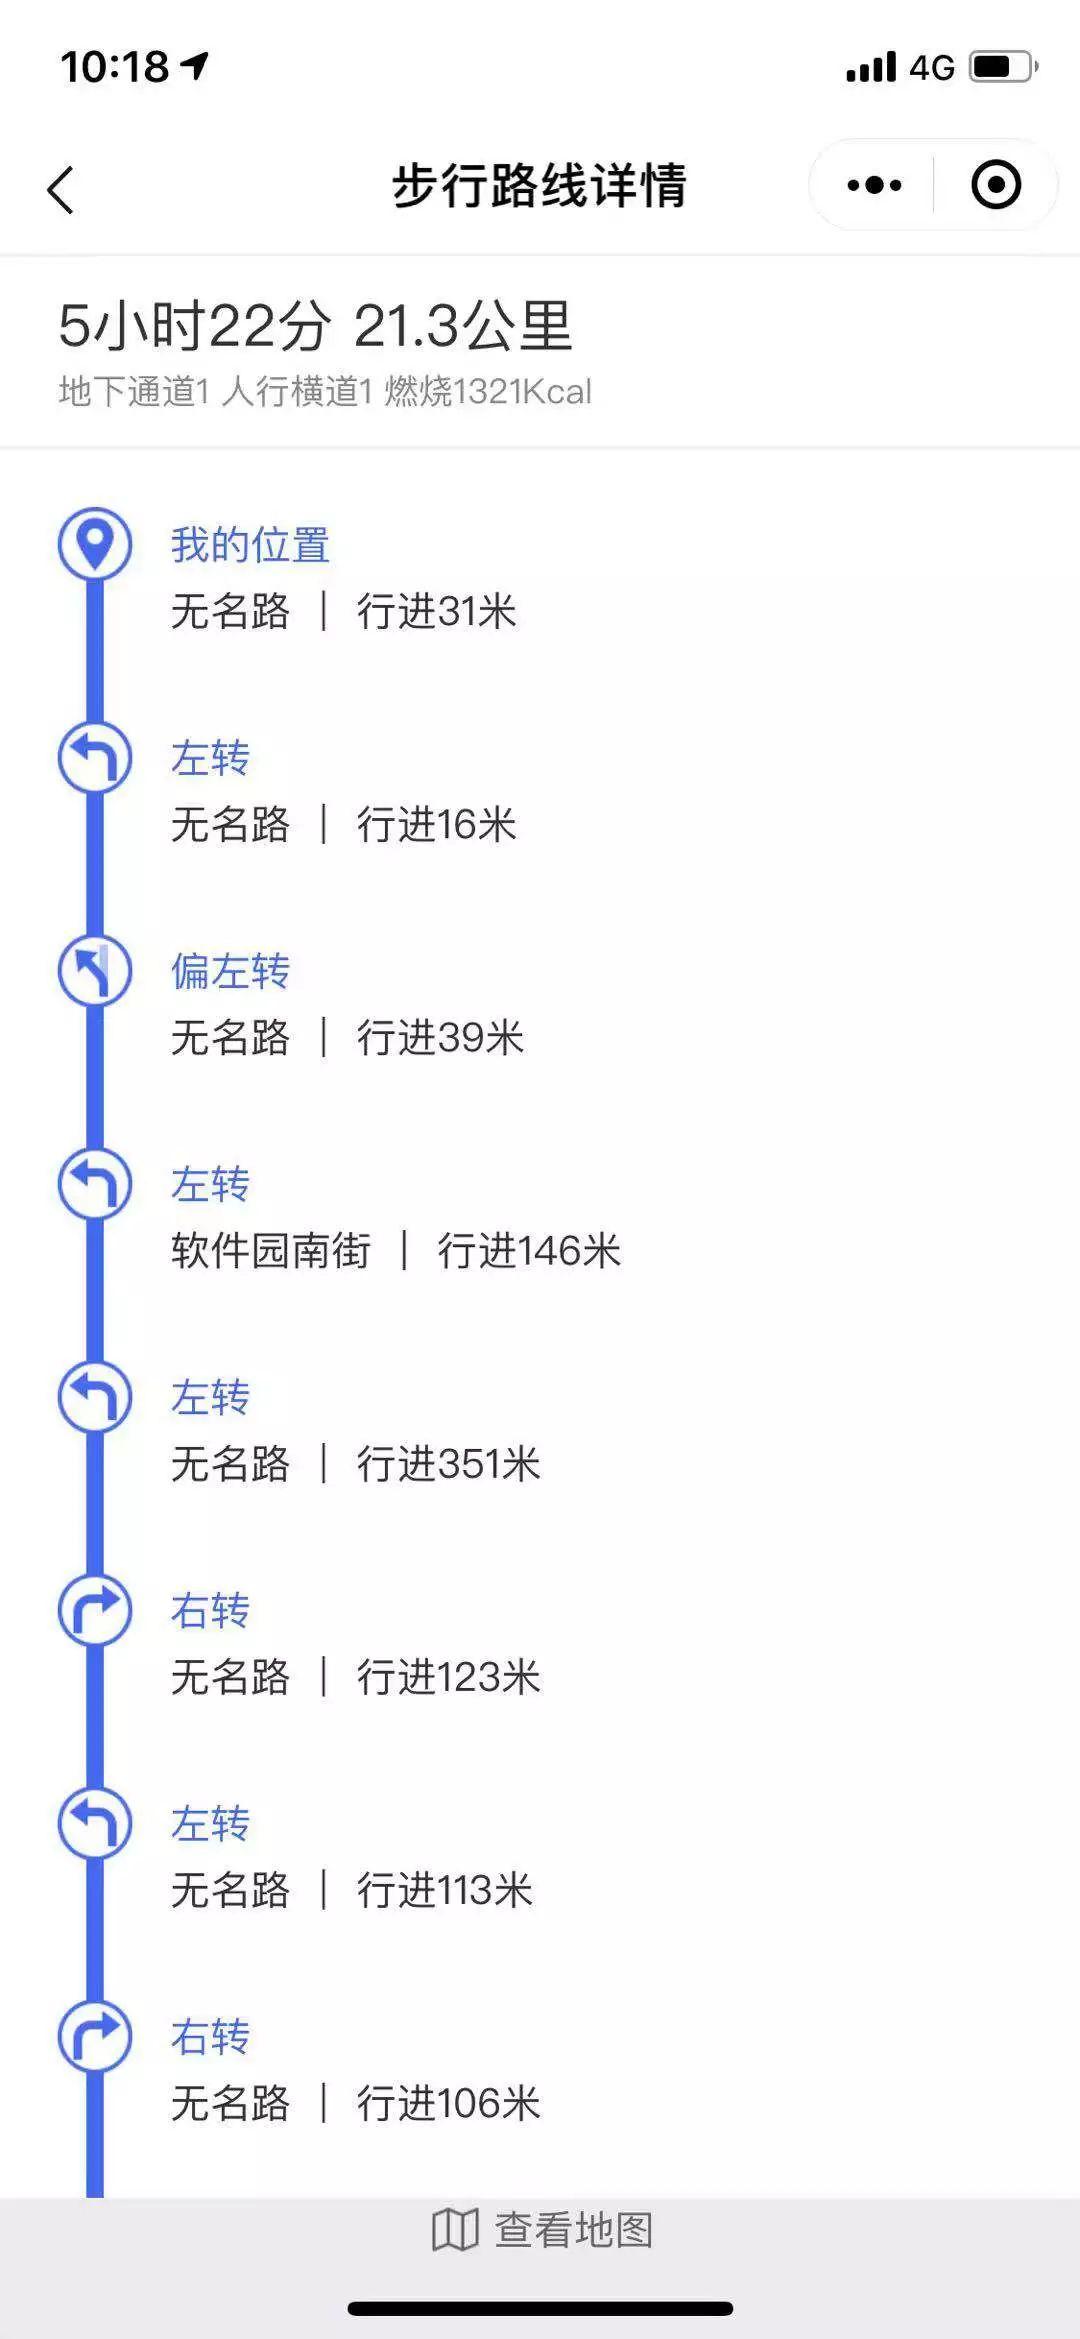 腾讯位置服务路线规划